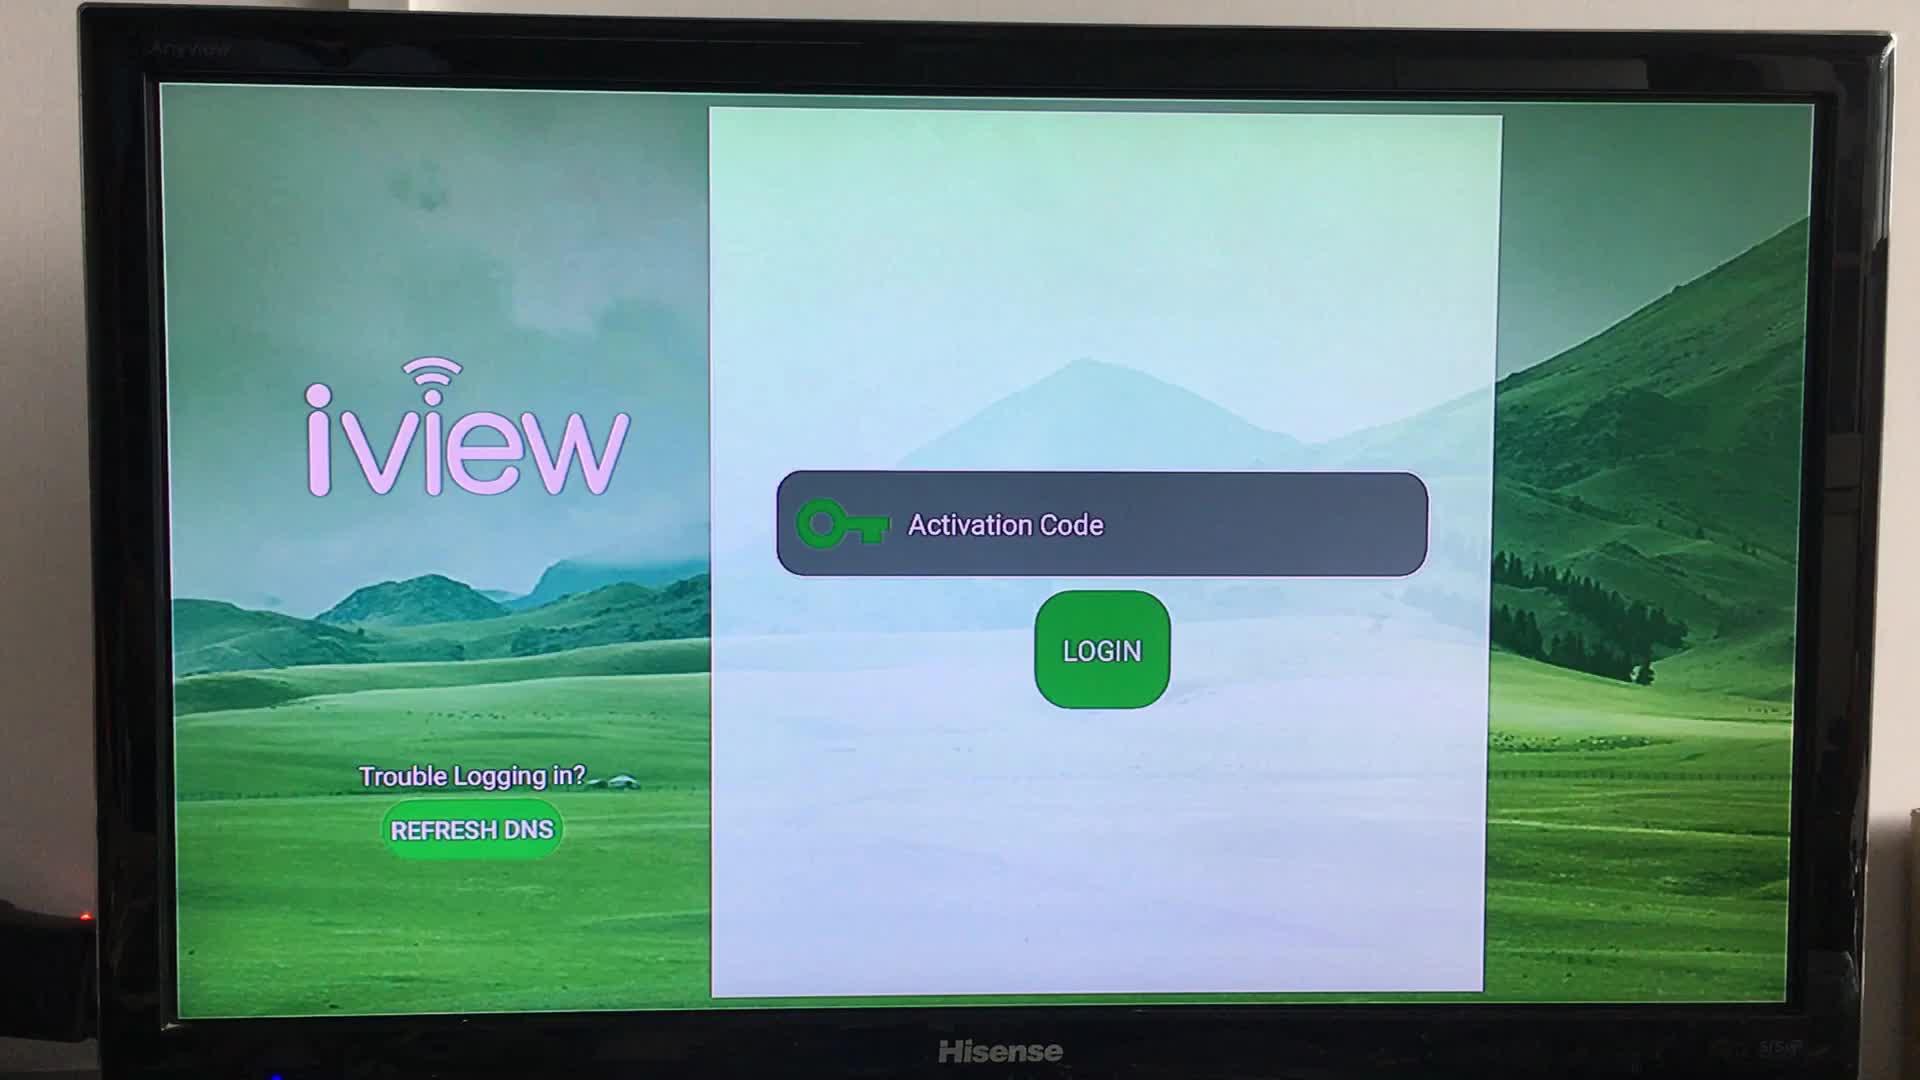 非常に安定したサーバースペイン、フランス、ドイツ、米国カナダ IPTV サブスクリプション大人 4500 + チャンネルオプション Iview IPTV